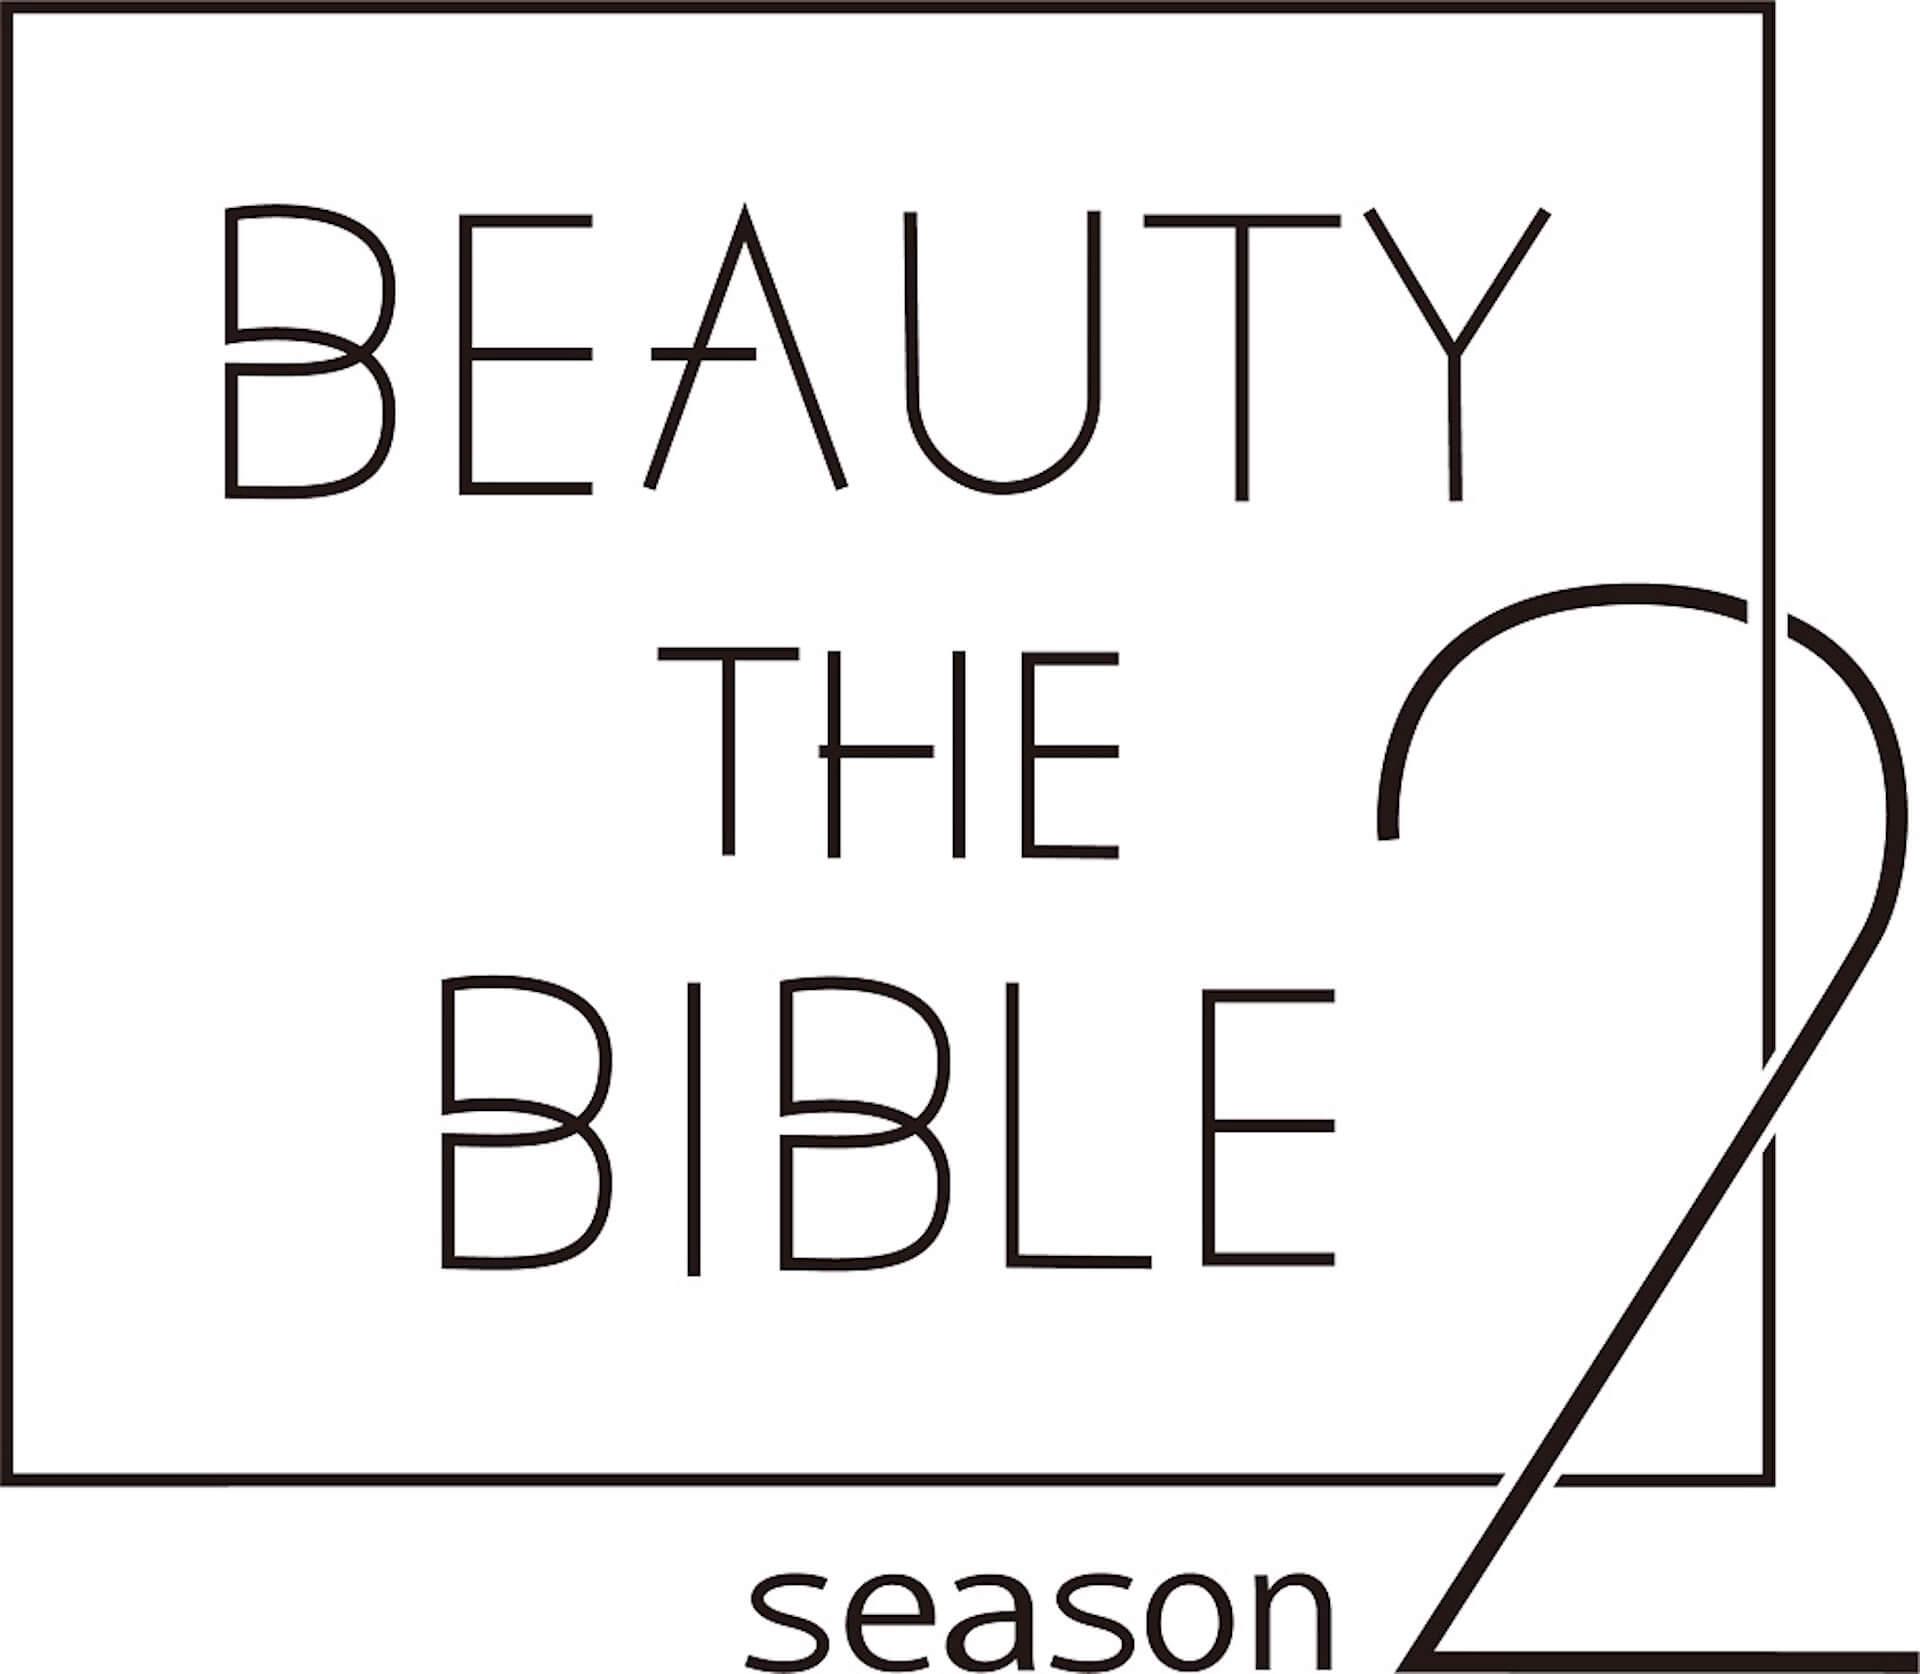 Amazon Prime Videoで田中みな実ら出演『BEAUTY THE BIBLE』シーズン2が独占配信決定!山賀琴子がMCに新加入 art201119_btb_1